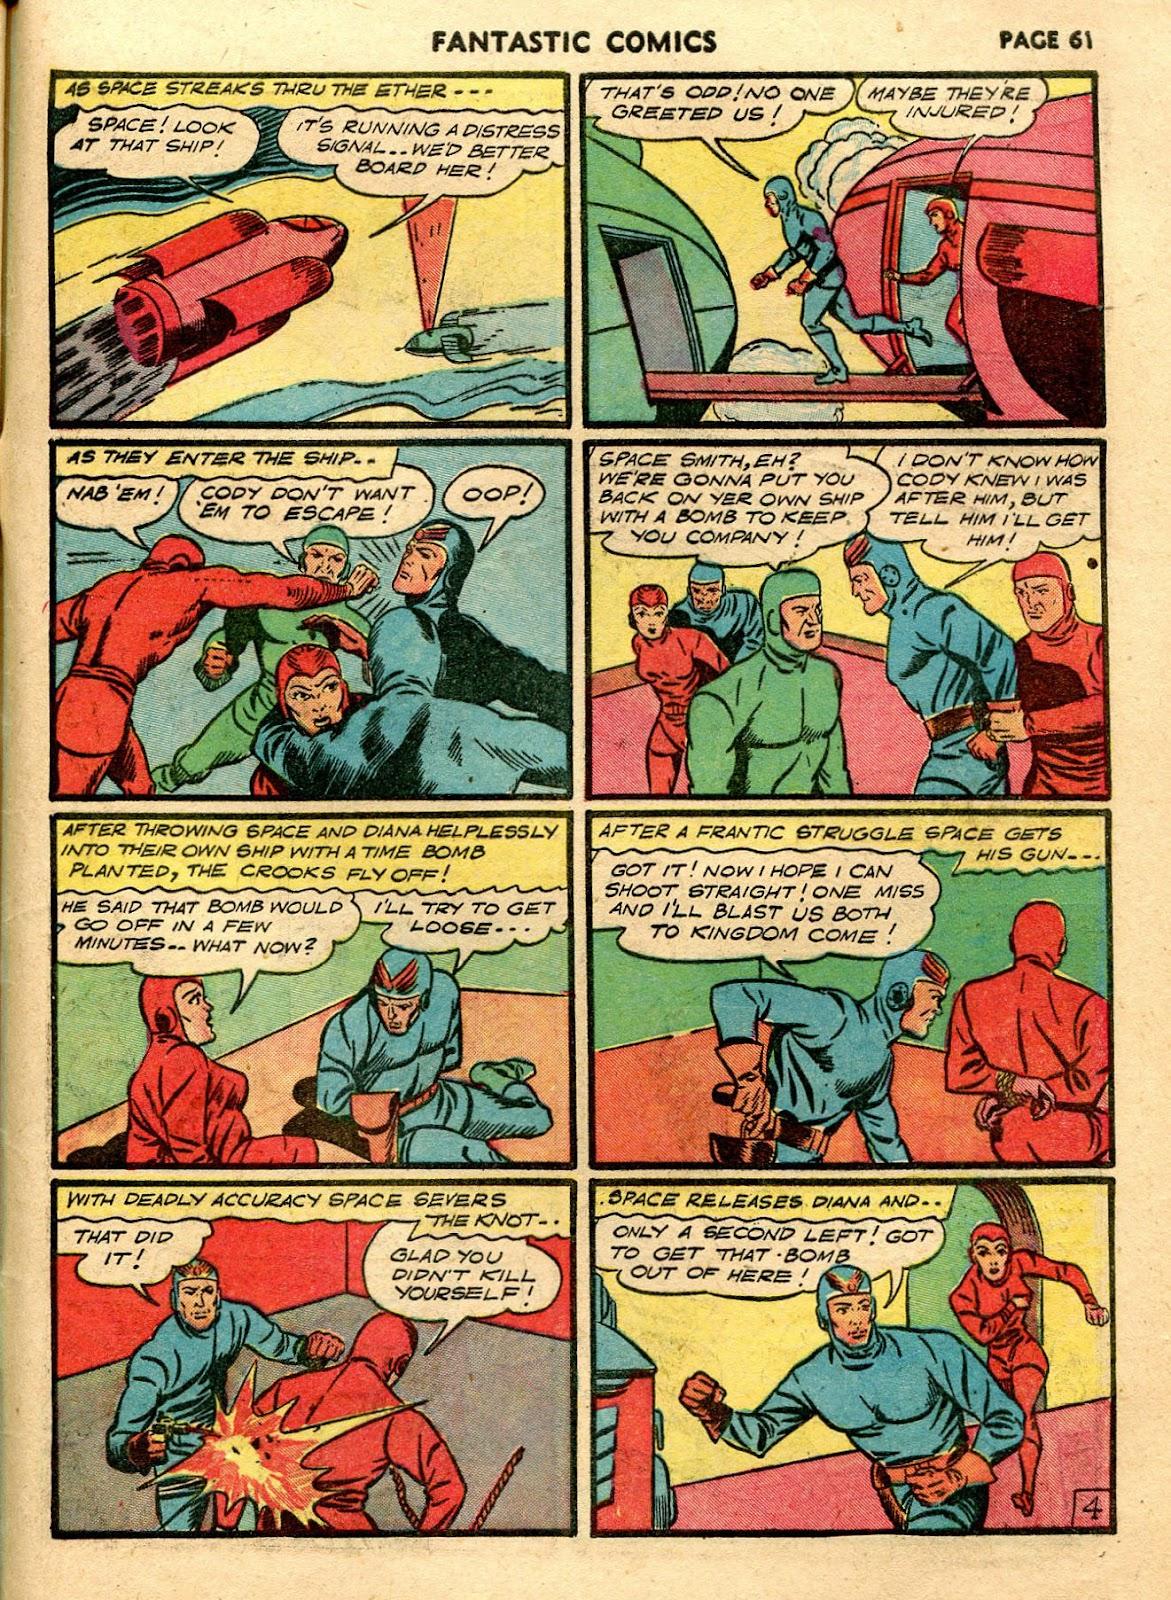 Read online Fantastic Comics comic -  Issue #21 - 59